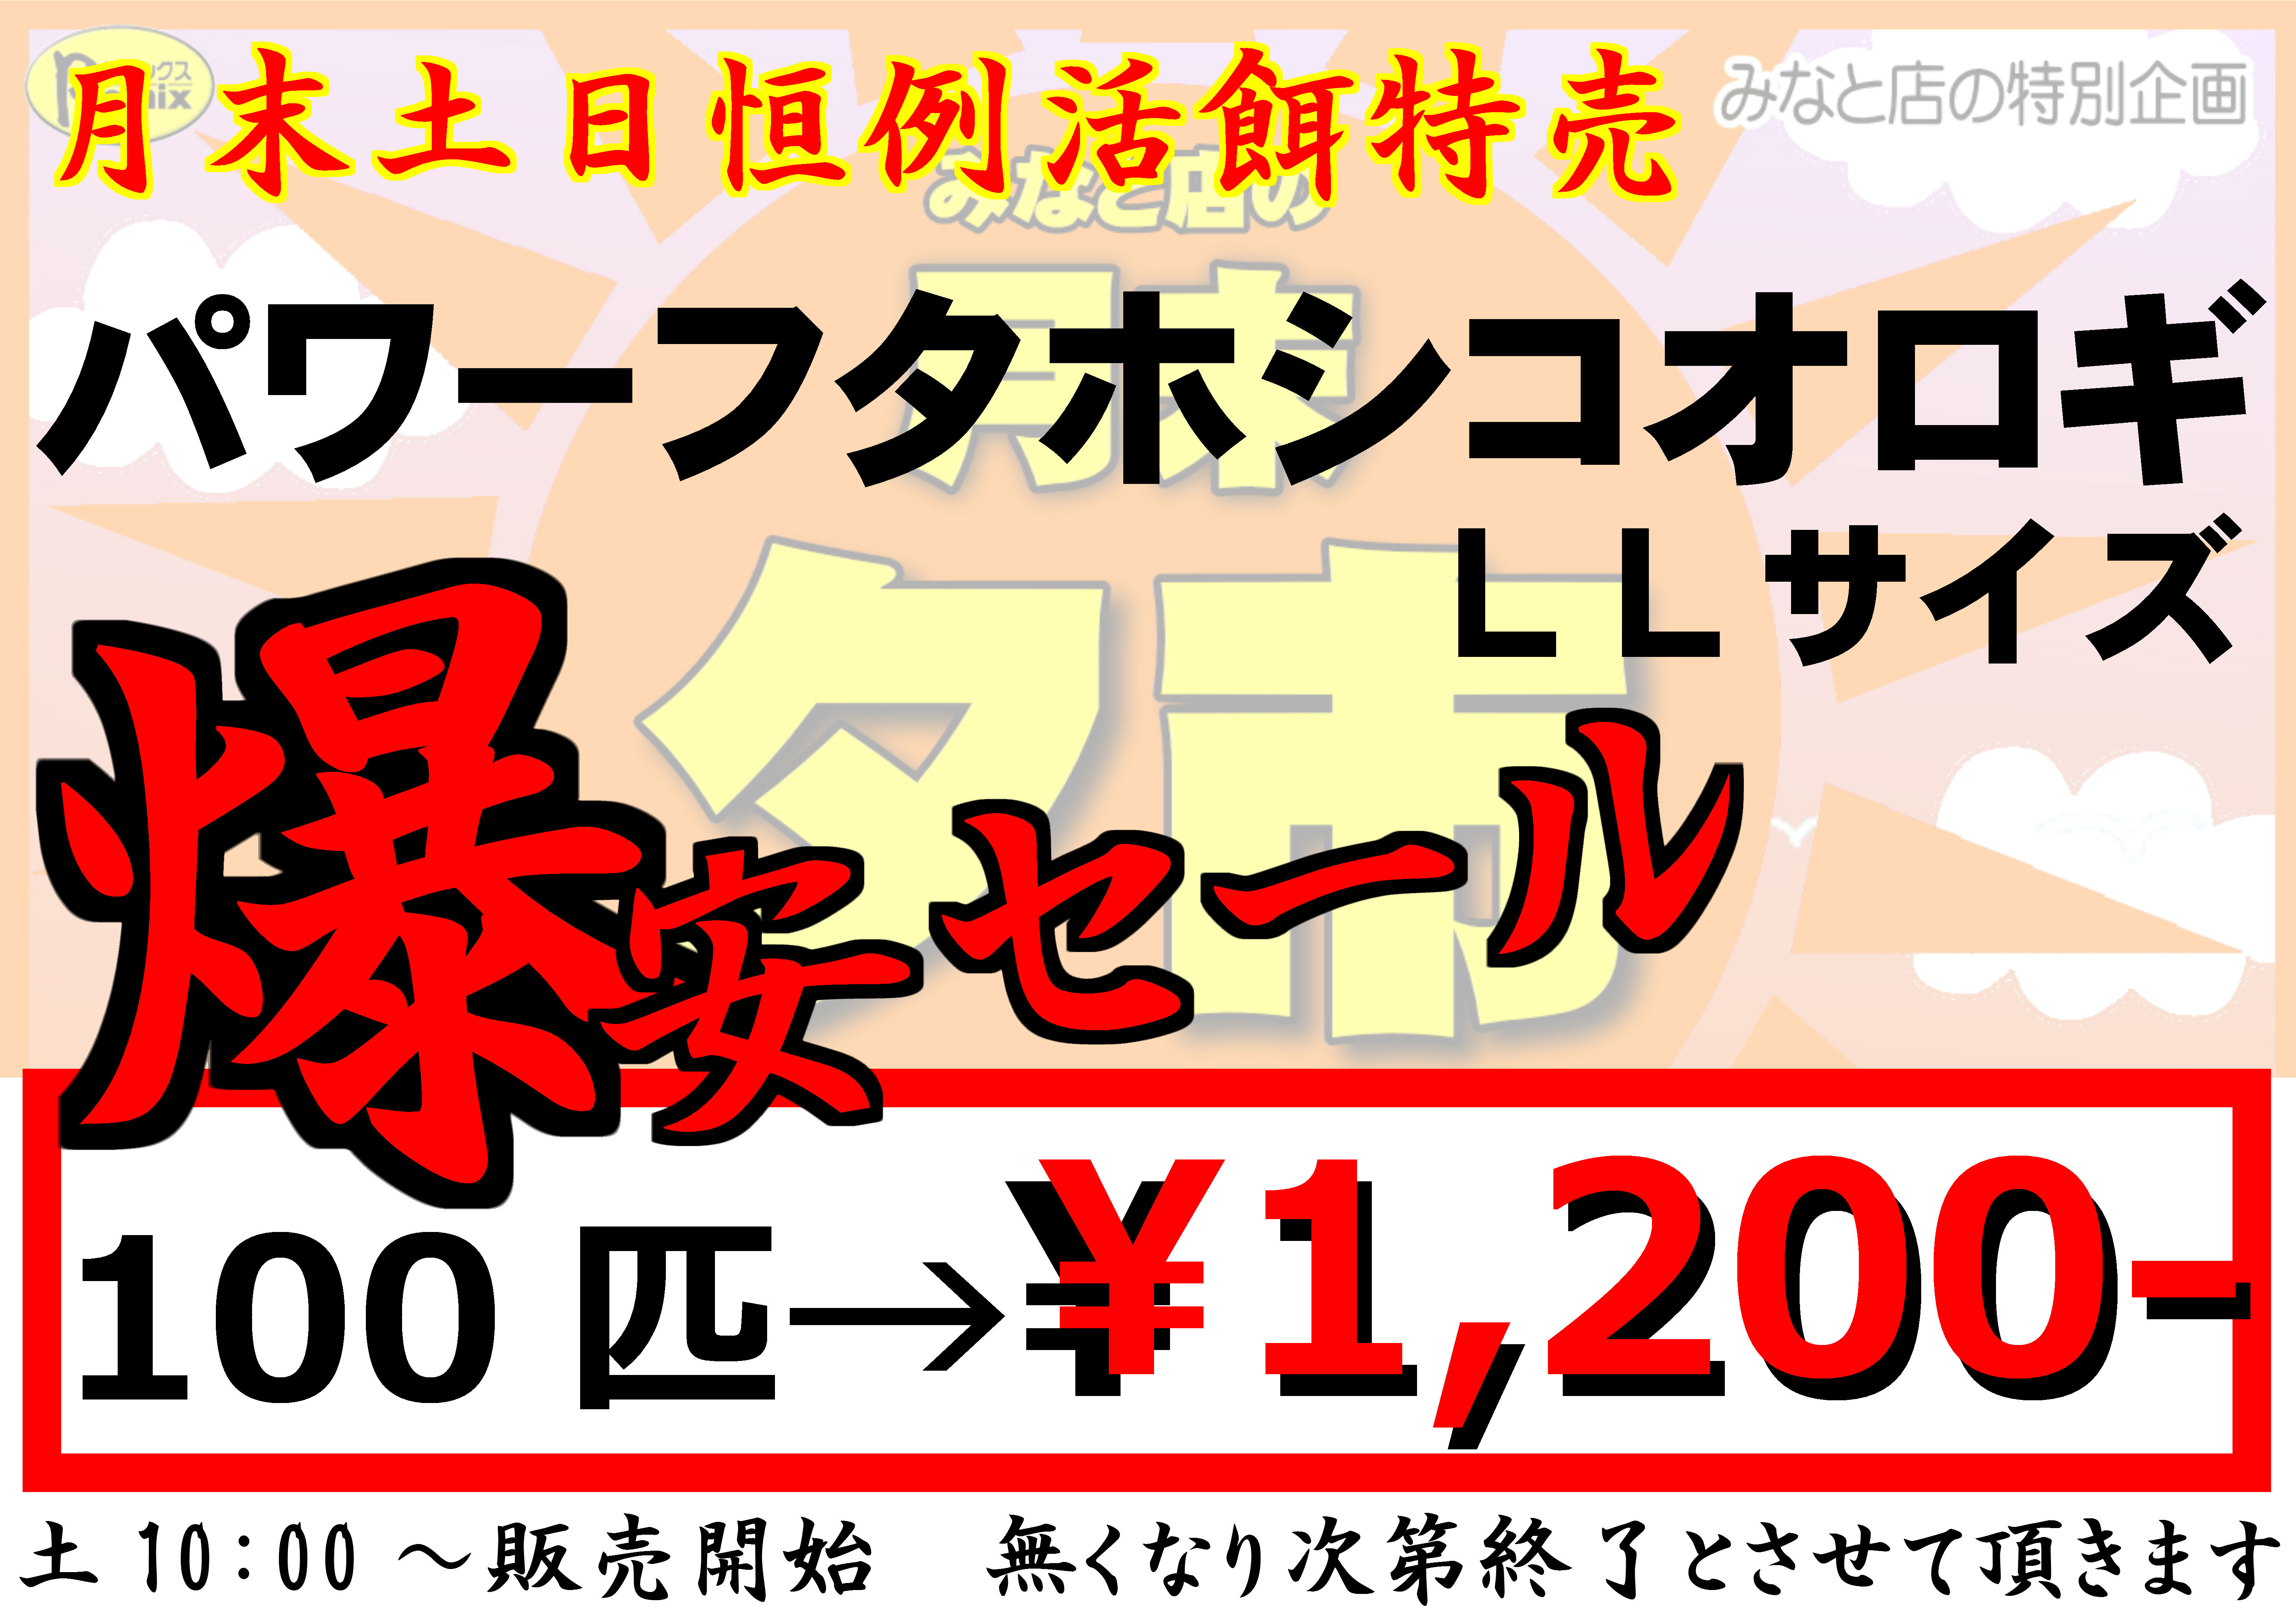 みなとペポニ@明日明後日は月末活餌爆安特売!!!